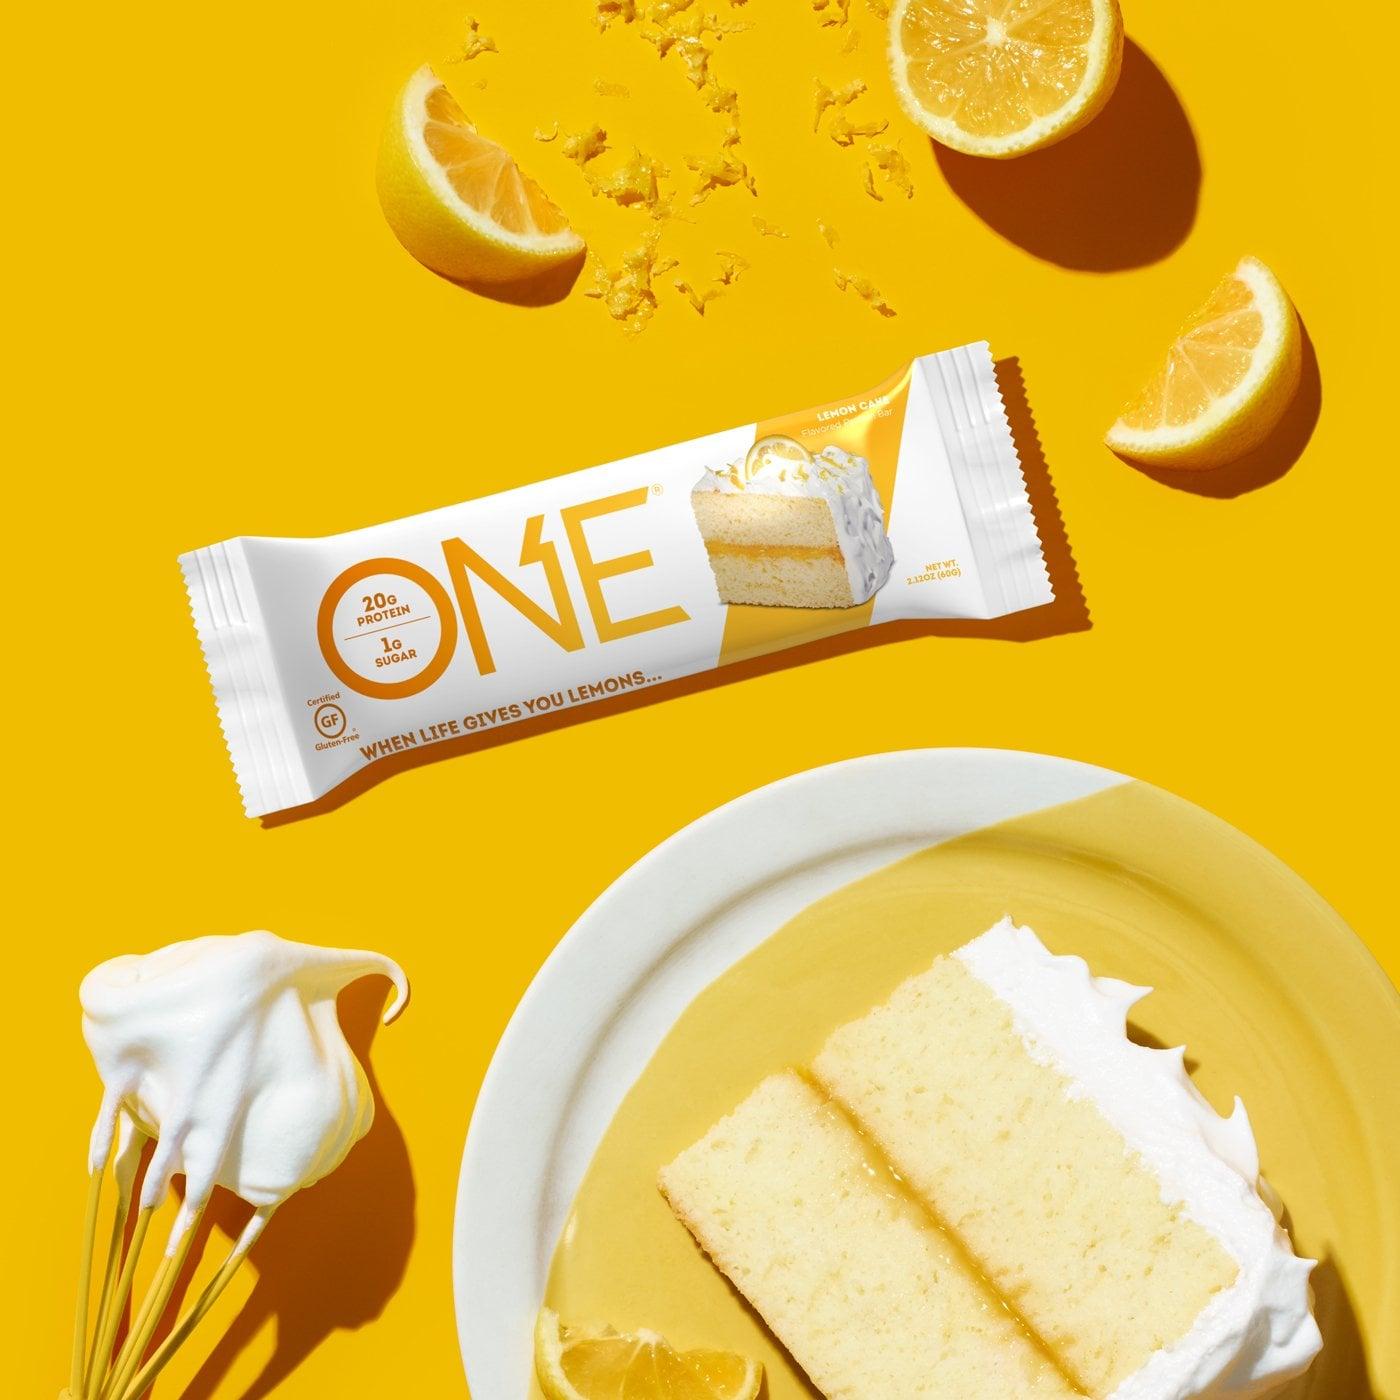 חטיף חלבון או יה וואן -  OH YEAH! ONE BAR |עוגת לימון